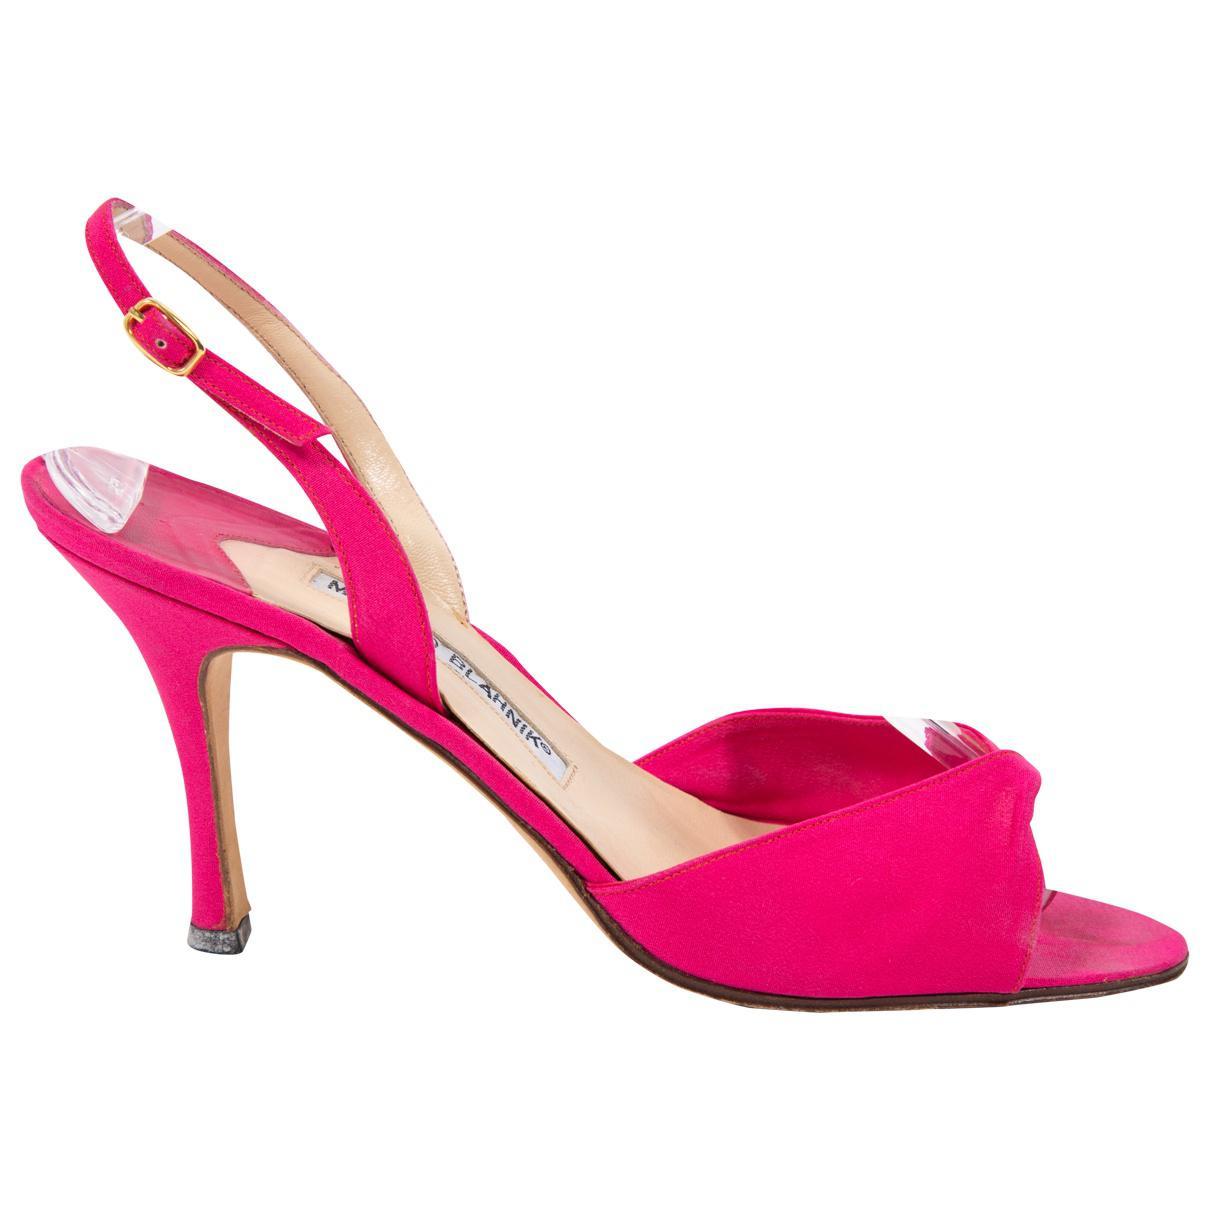 Pre-owned - Cloth sandal Manolo Blahnik SL5Lhosl